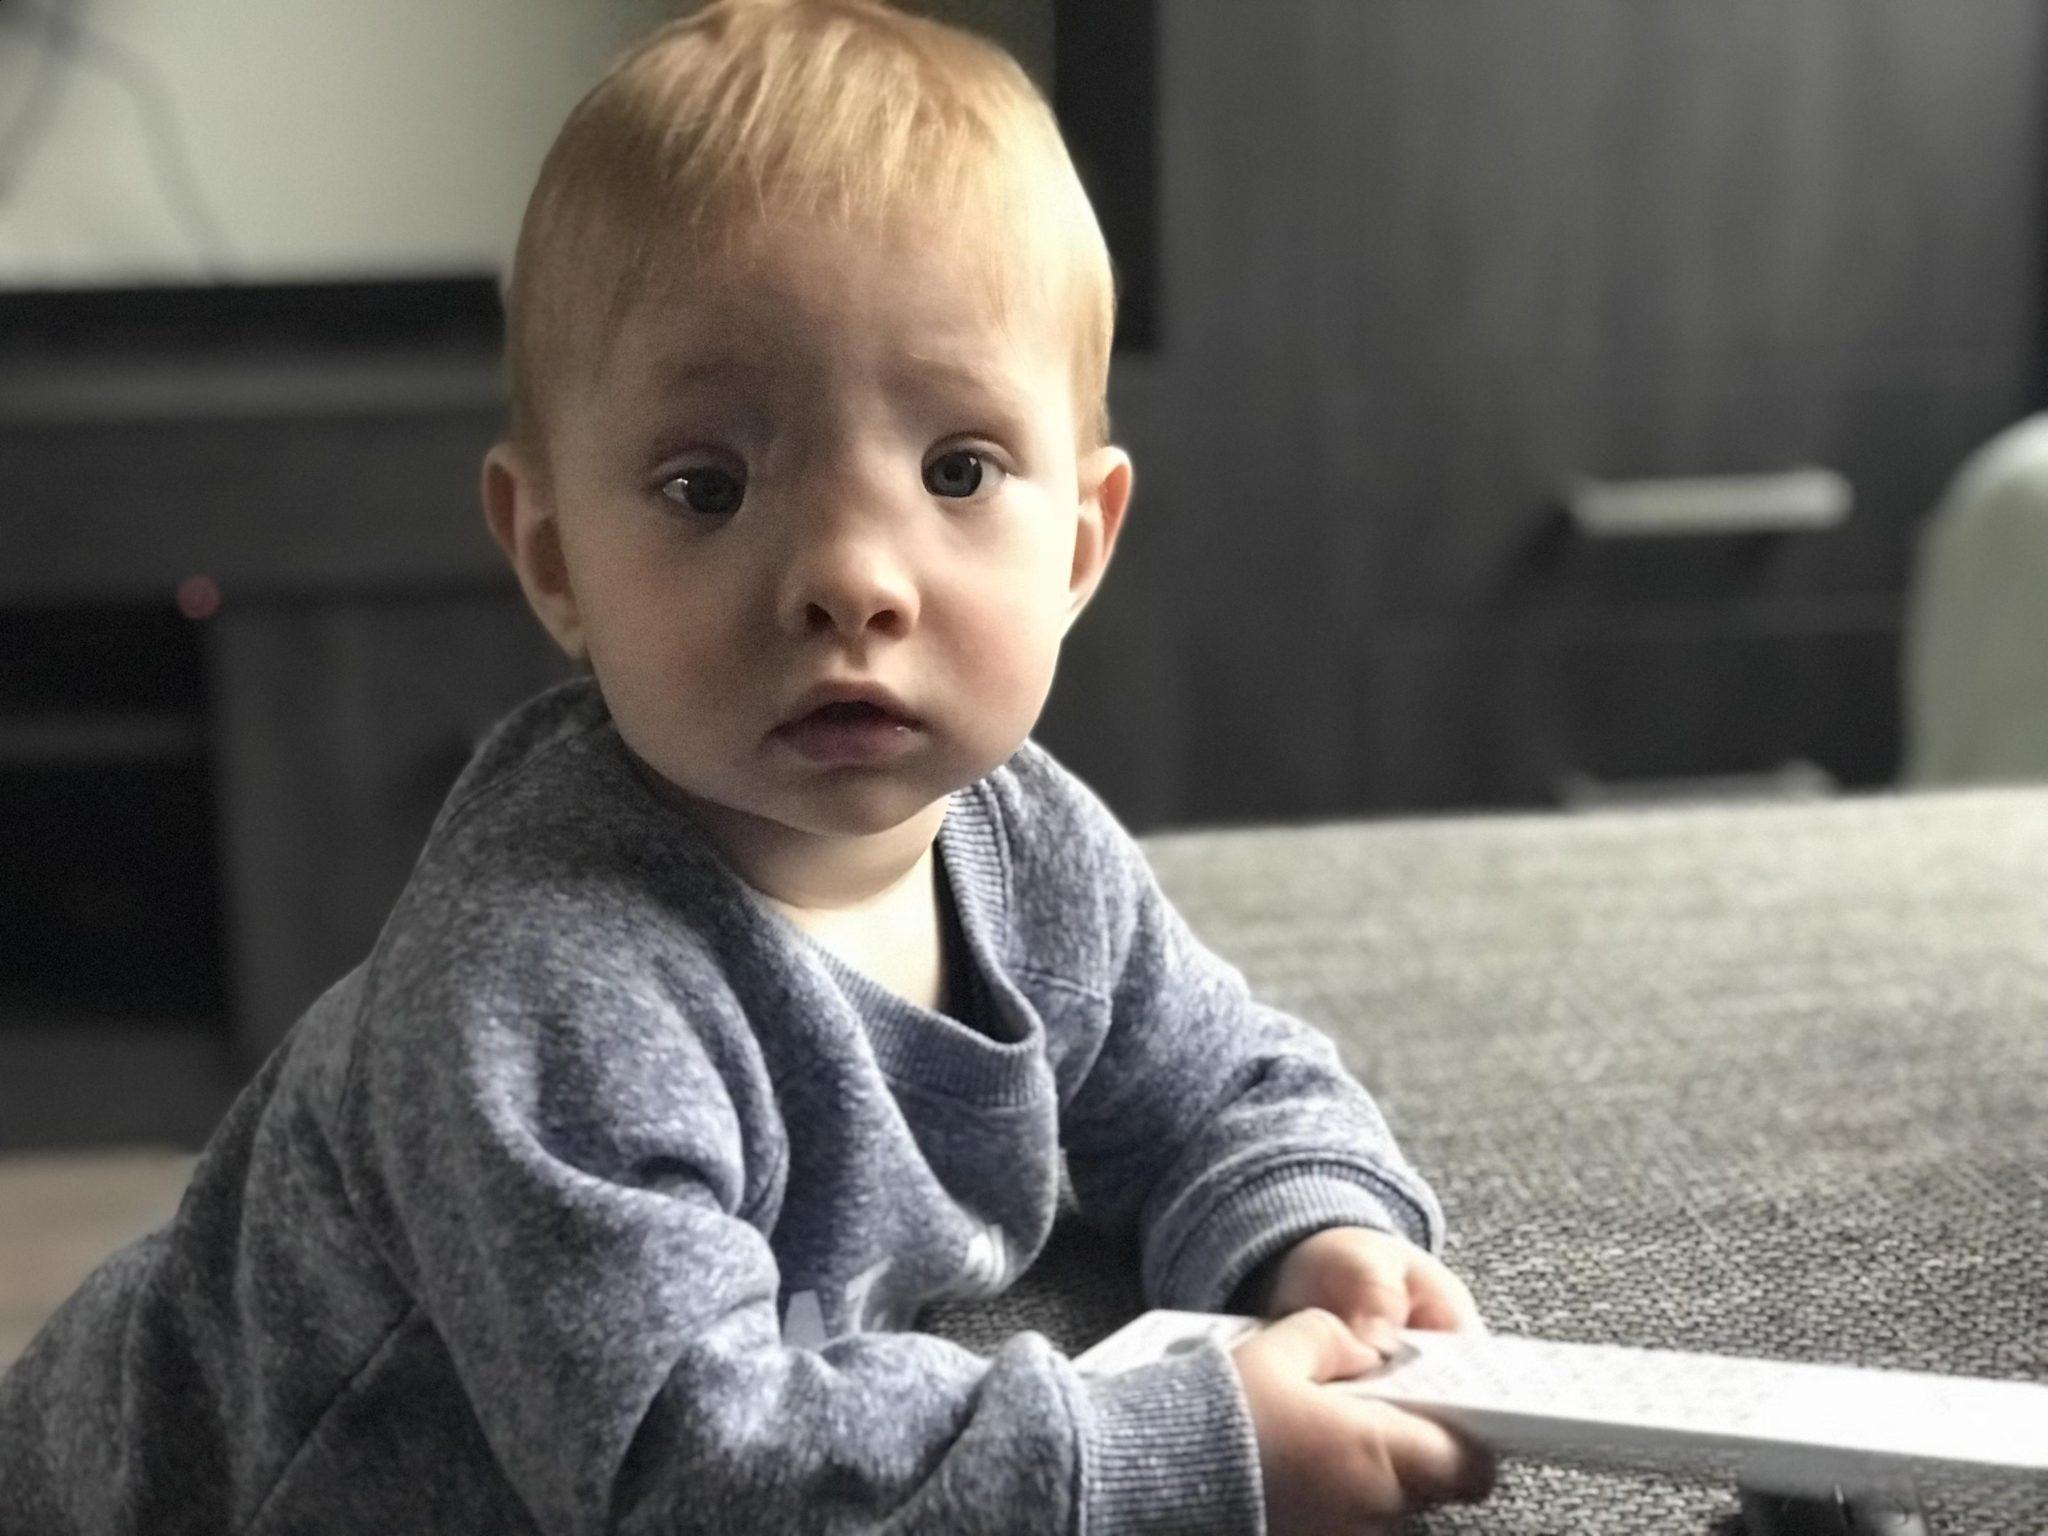 IMG 4139 4032x3024 - Bijzondere verhalen #15 - Lotte d'r zoon heeft een nasofrontale encephalocele